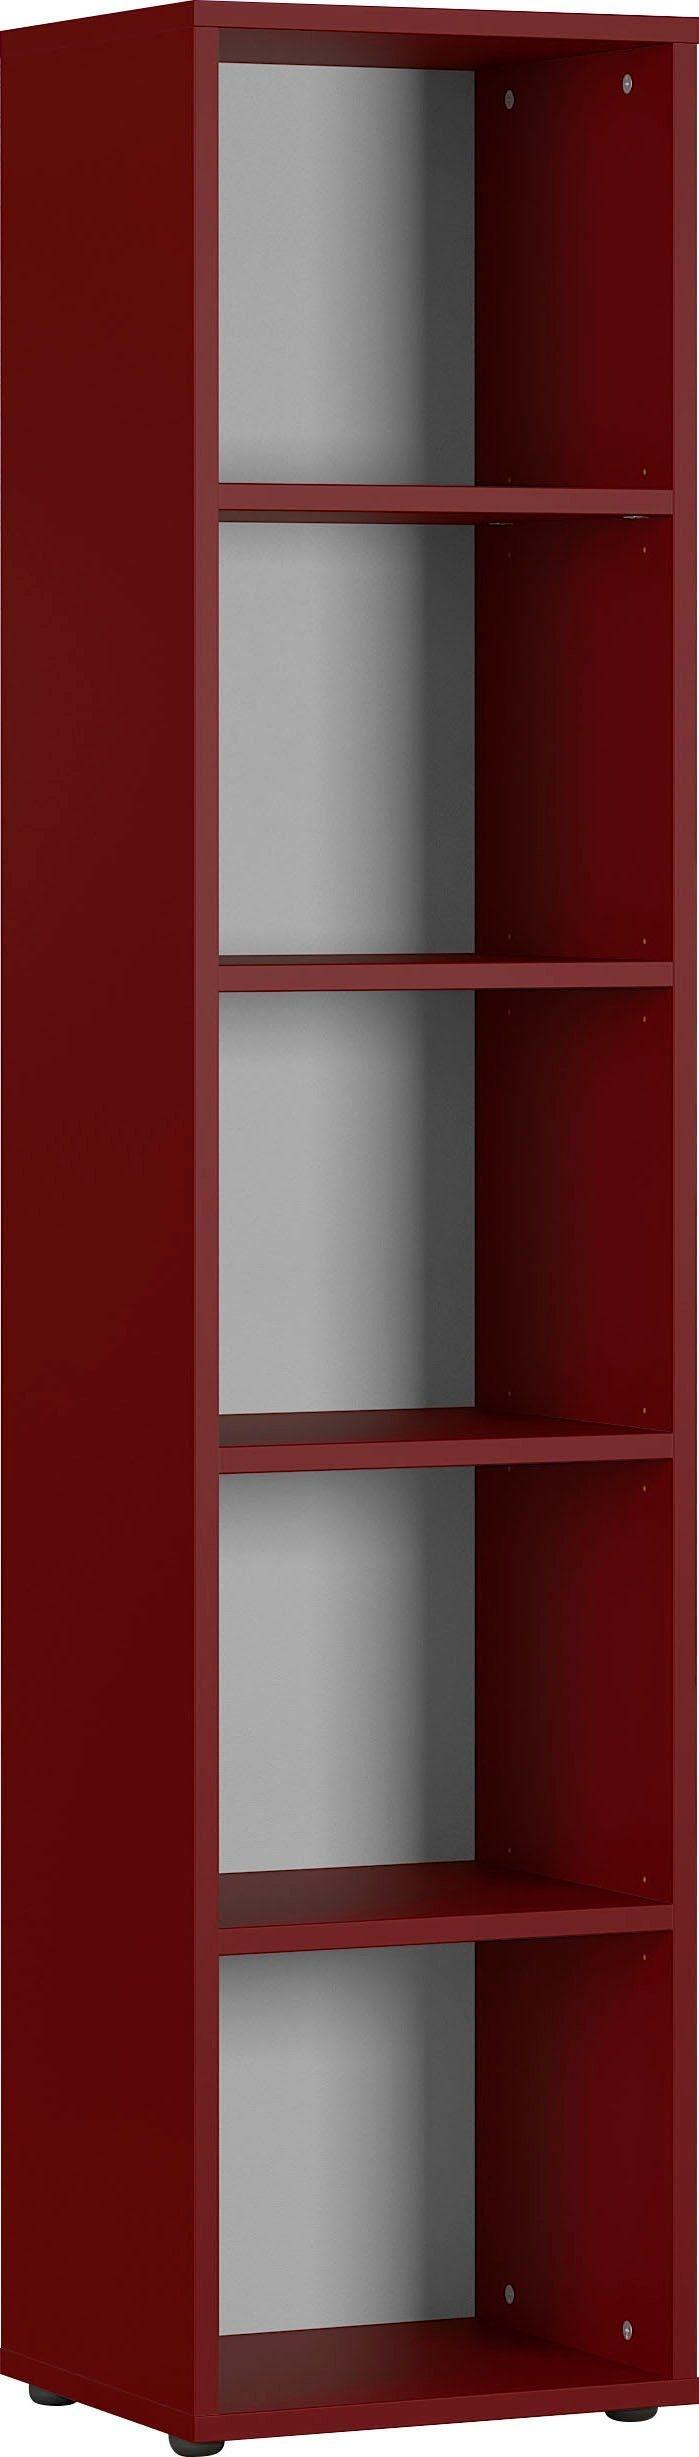 Boekenkast Agenda small 197 cm hoog in robijn rood